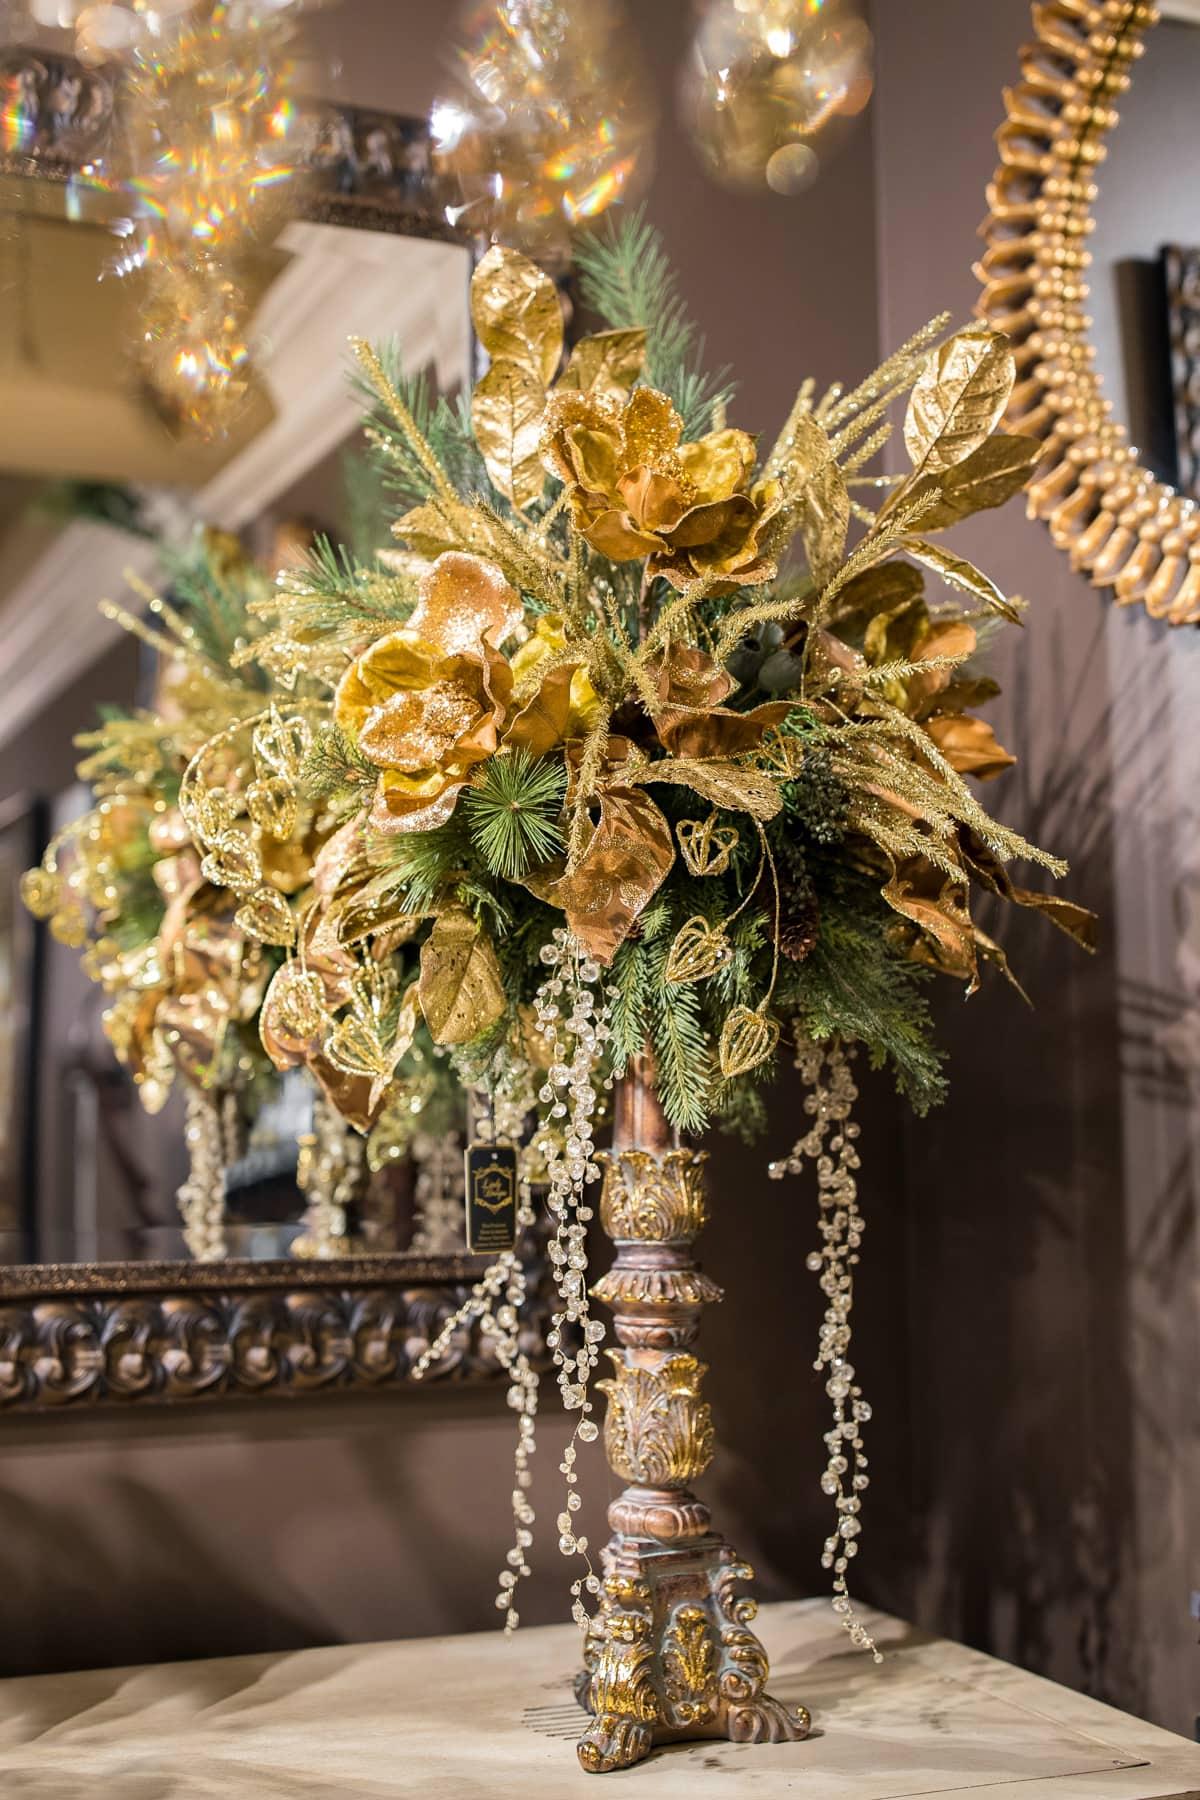 Gold Christmas floral arrangements 2